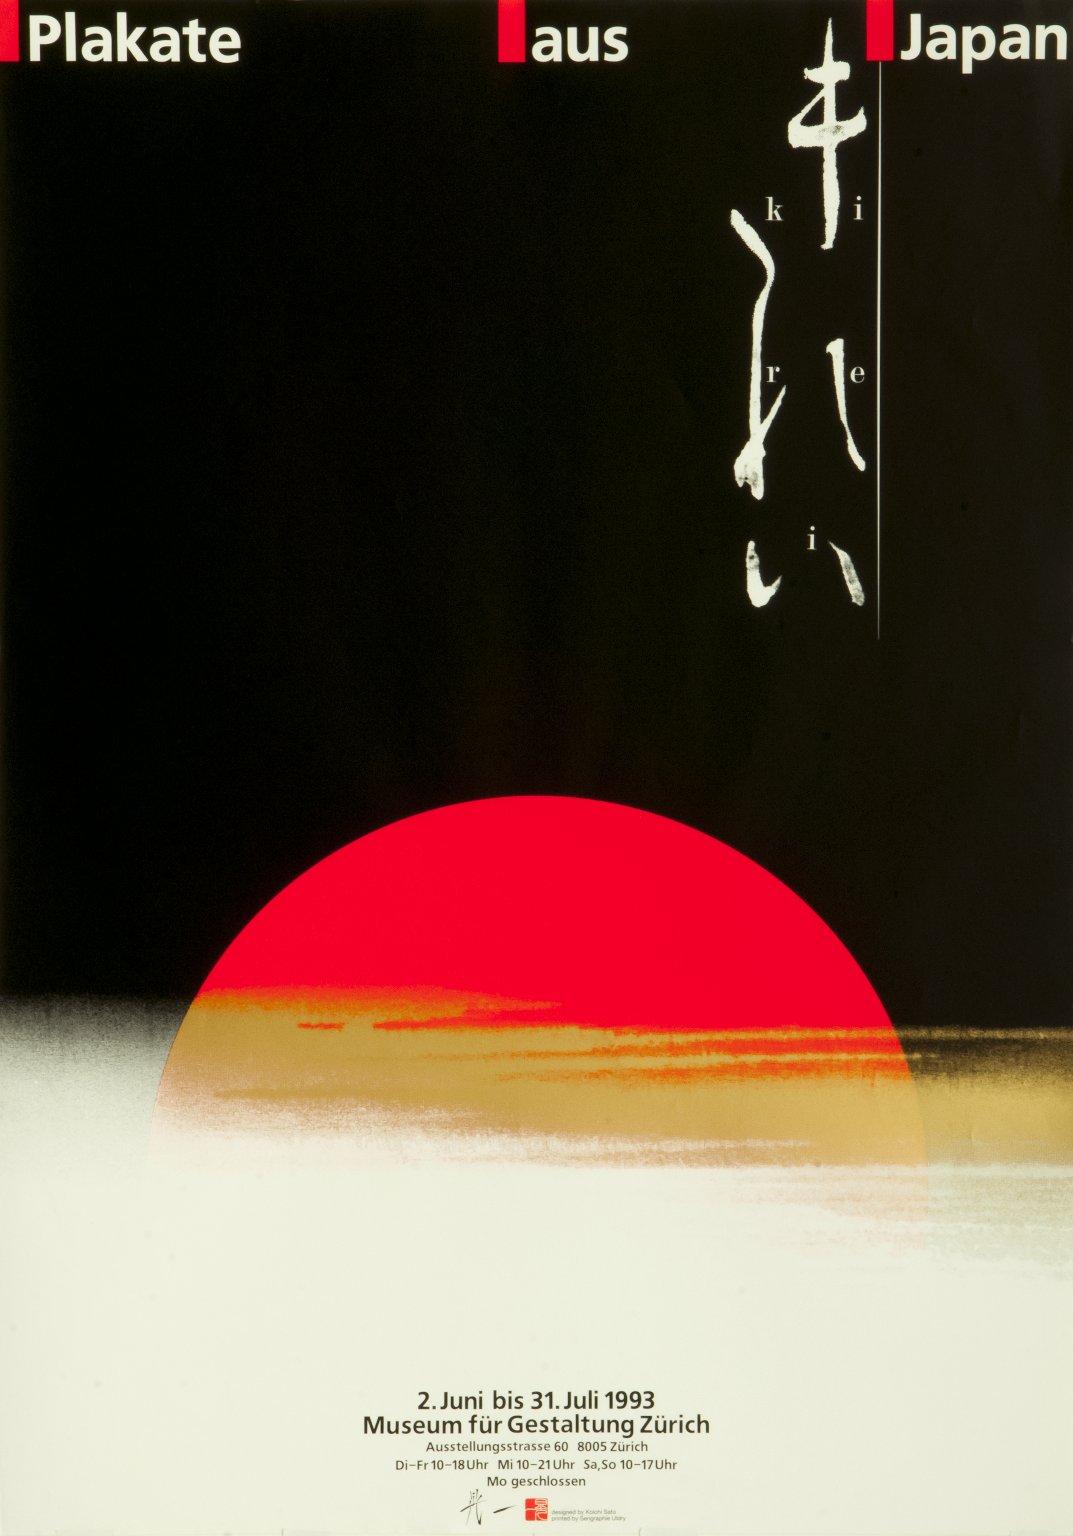 Plakate aus Japan